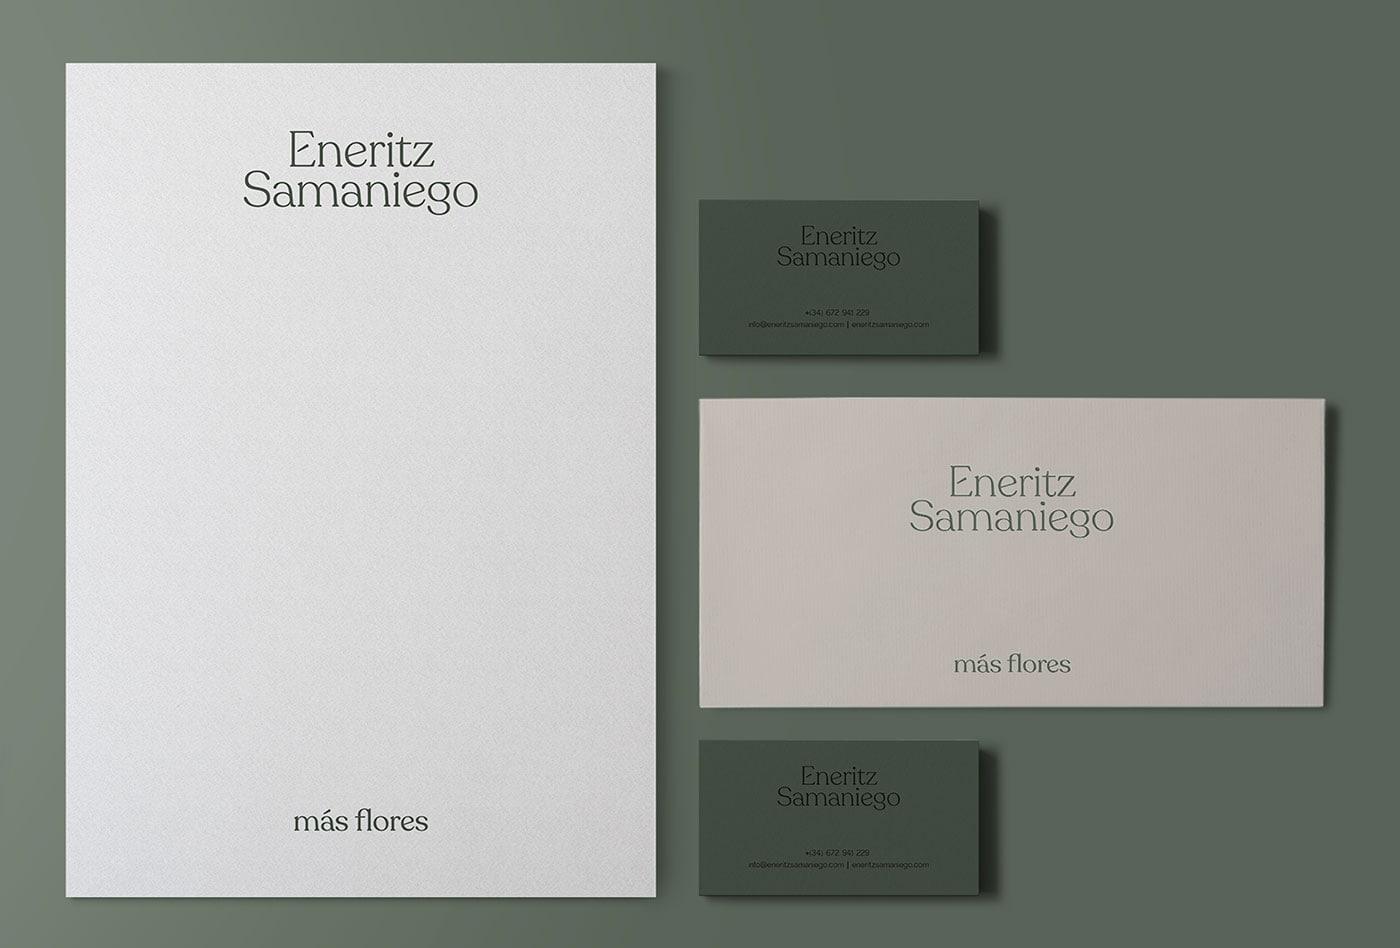 Eneritz Samaniego花店视觉识别和品牌设计